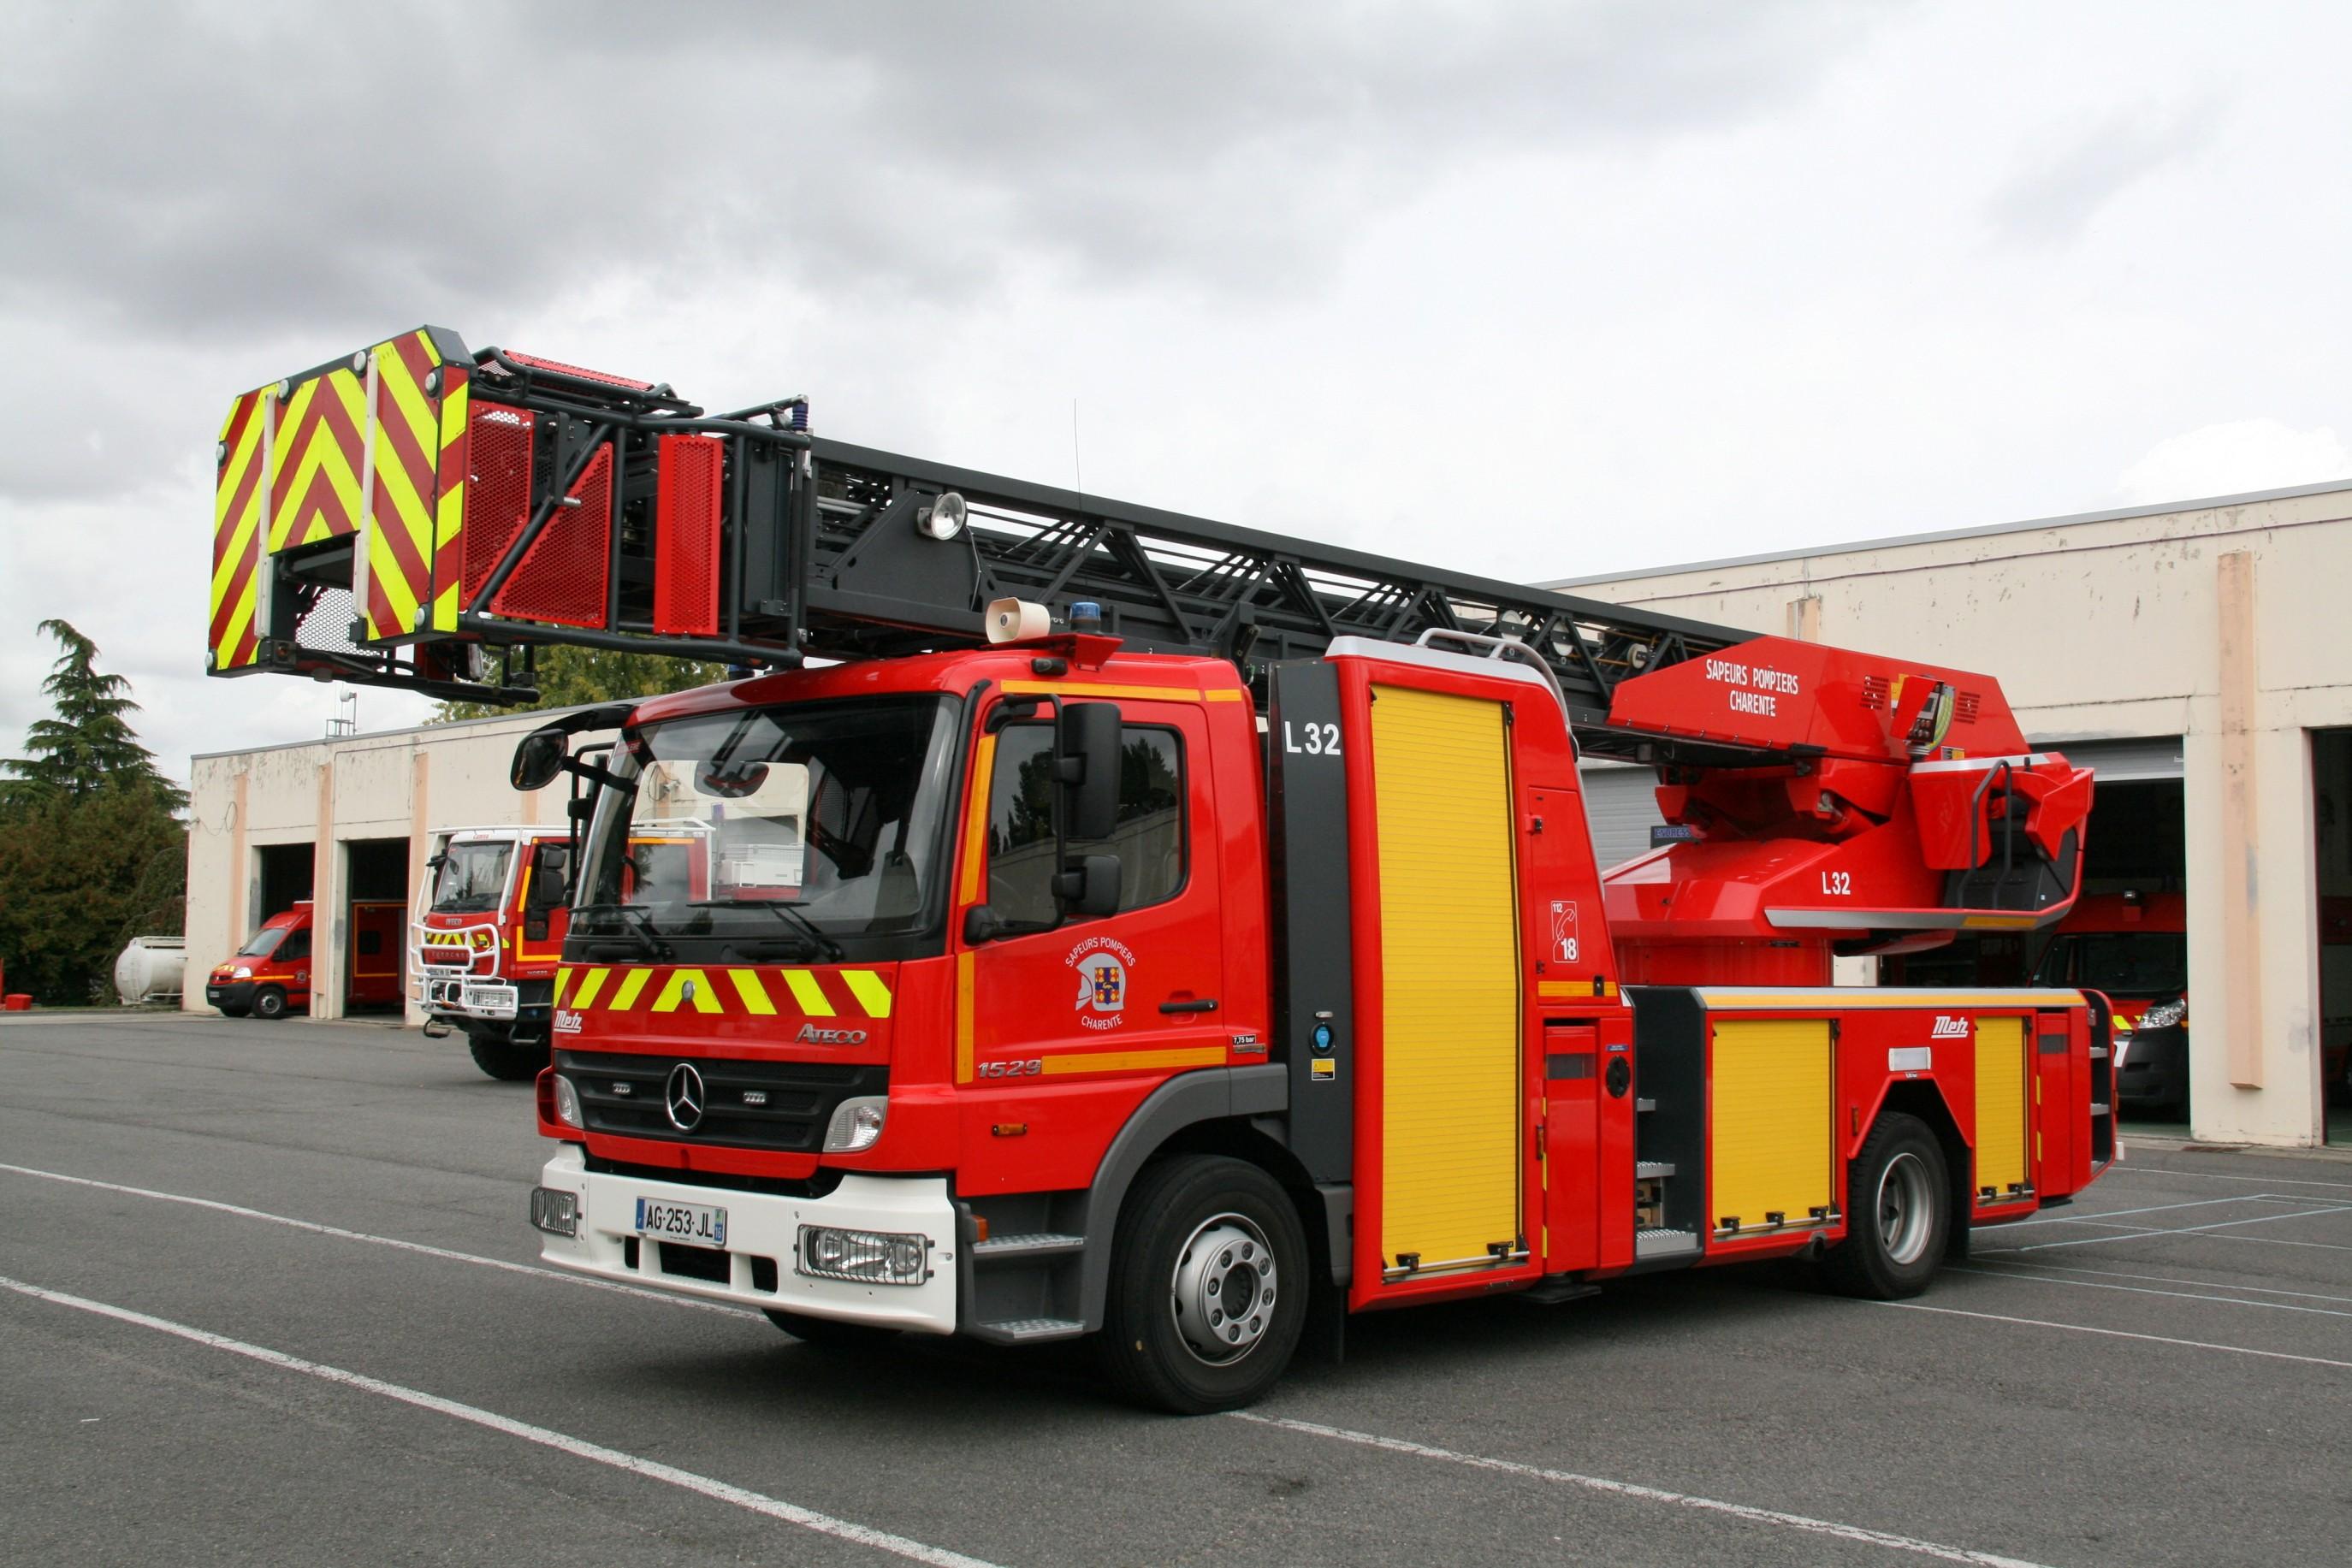 Vehicules sdis 16 18lessapeurspompiers - Image camion pompier ...